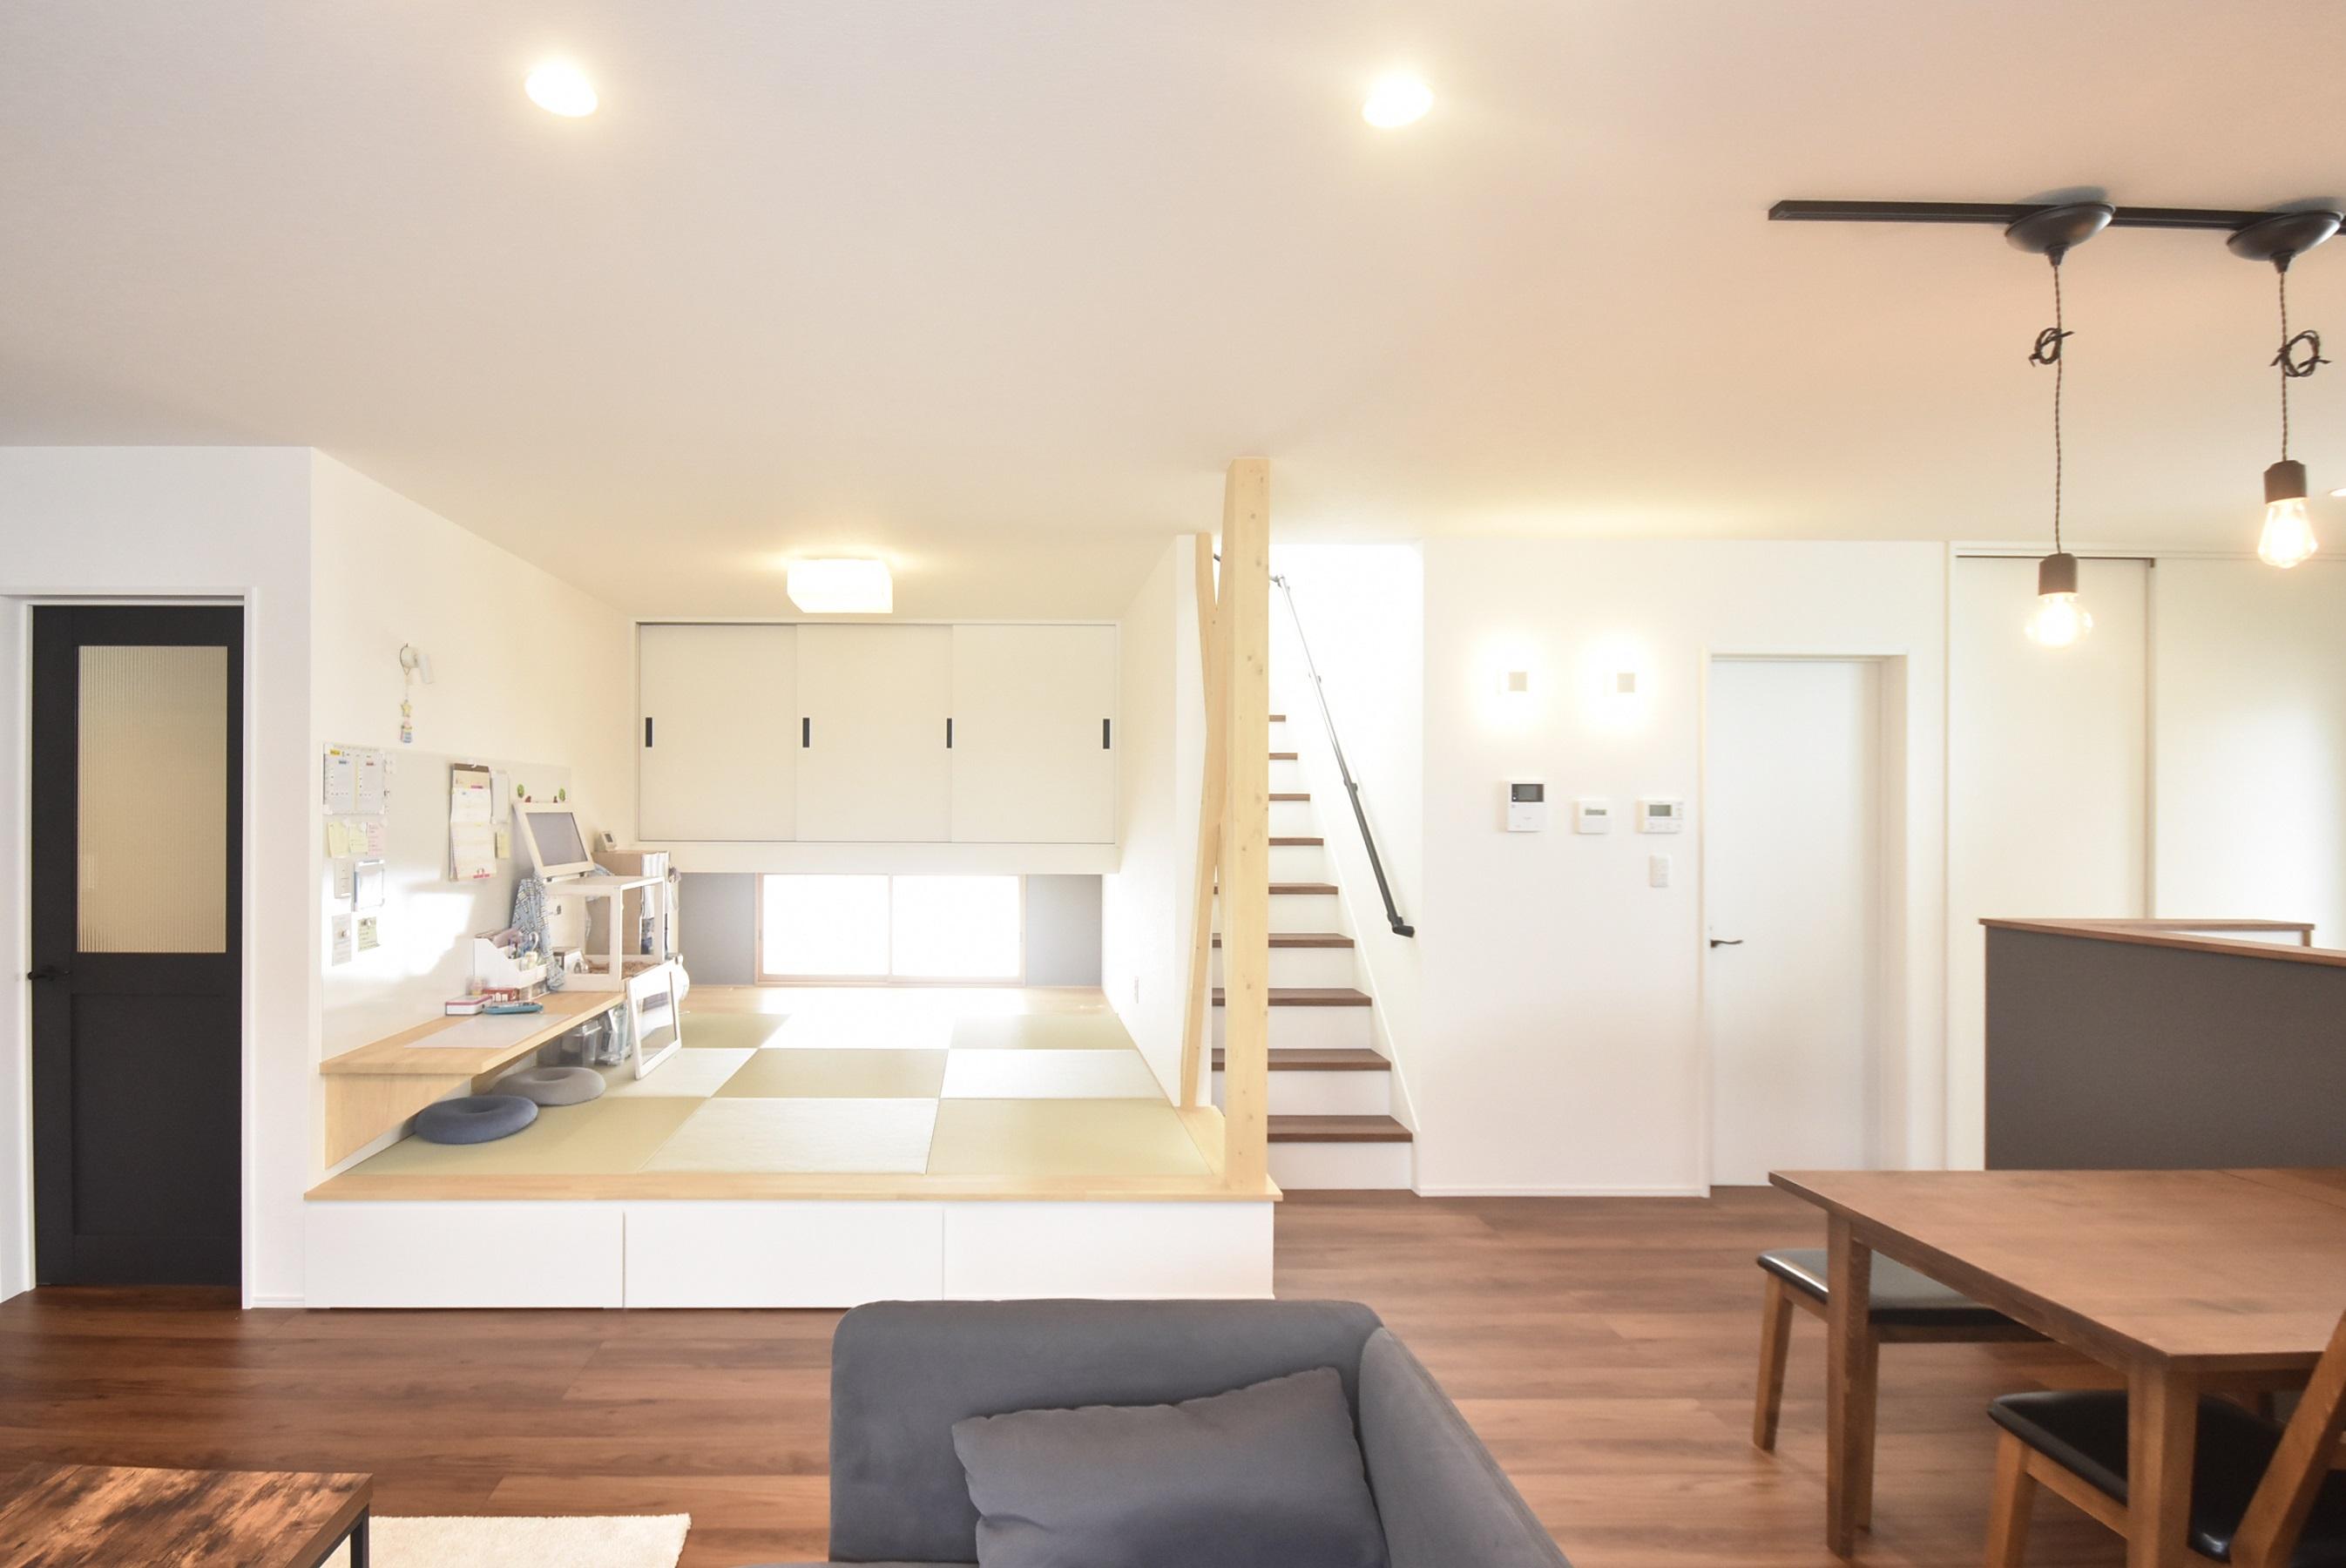 キッチンに光が差し込むアウトドアハウス